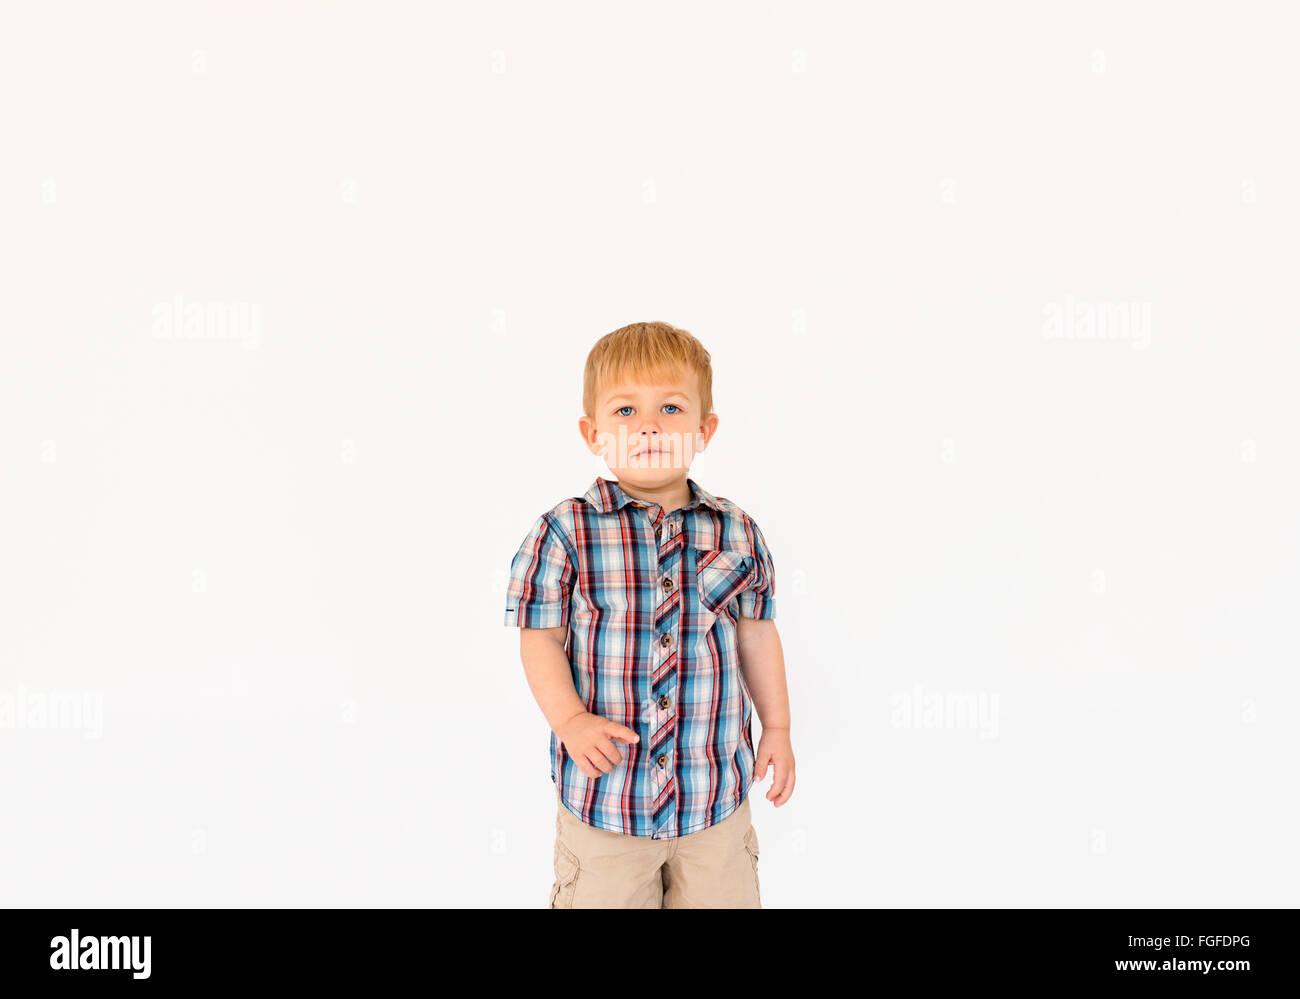 Chico con el pelo rubio de pie contra un fondo blanco apuntando con su dedo Foto de stock